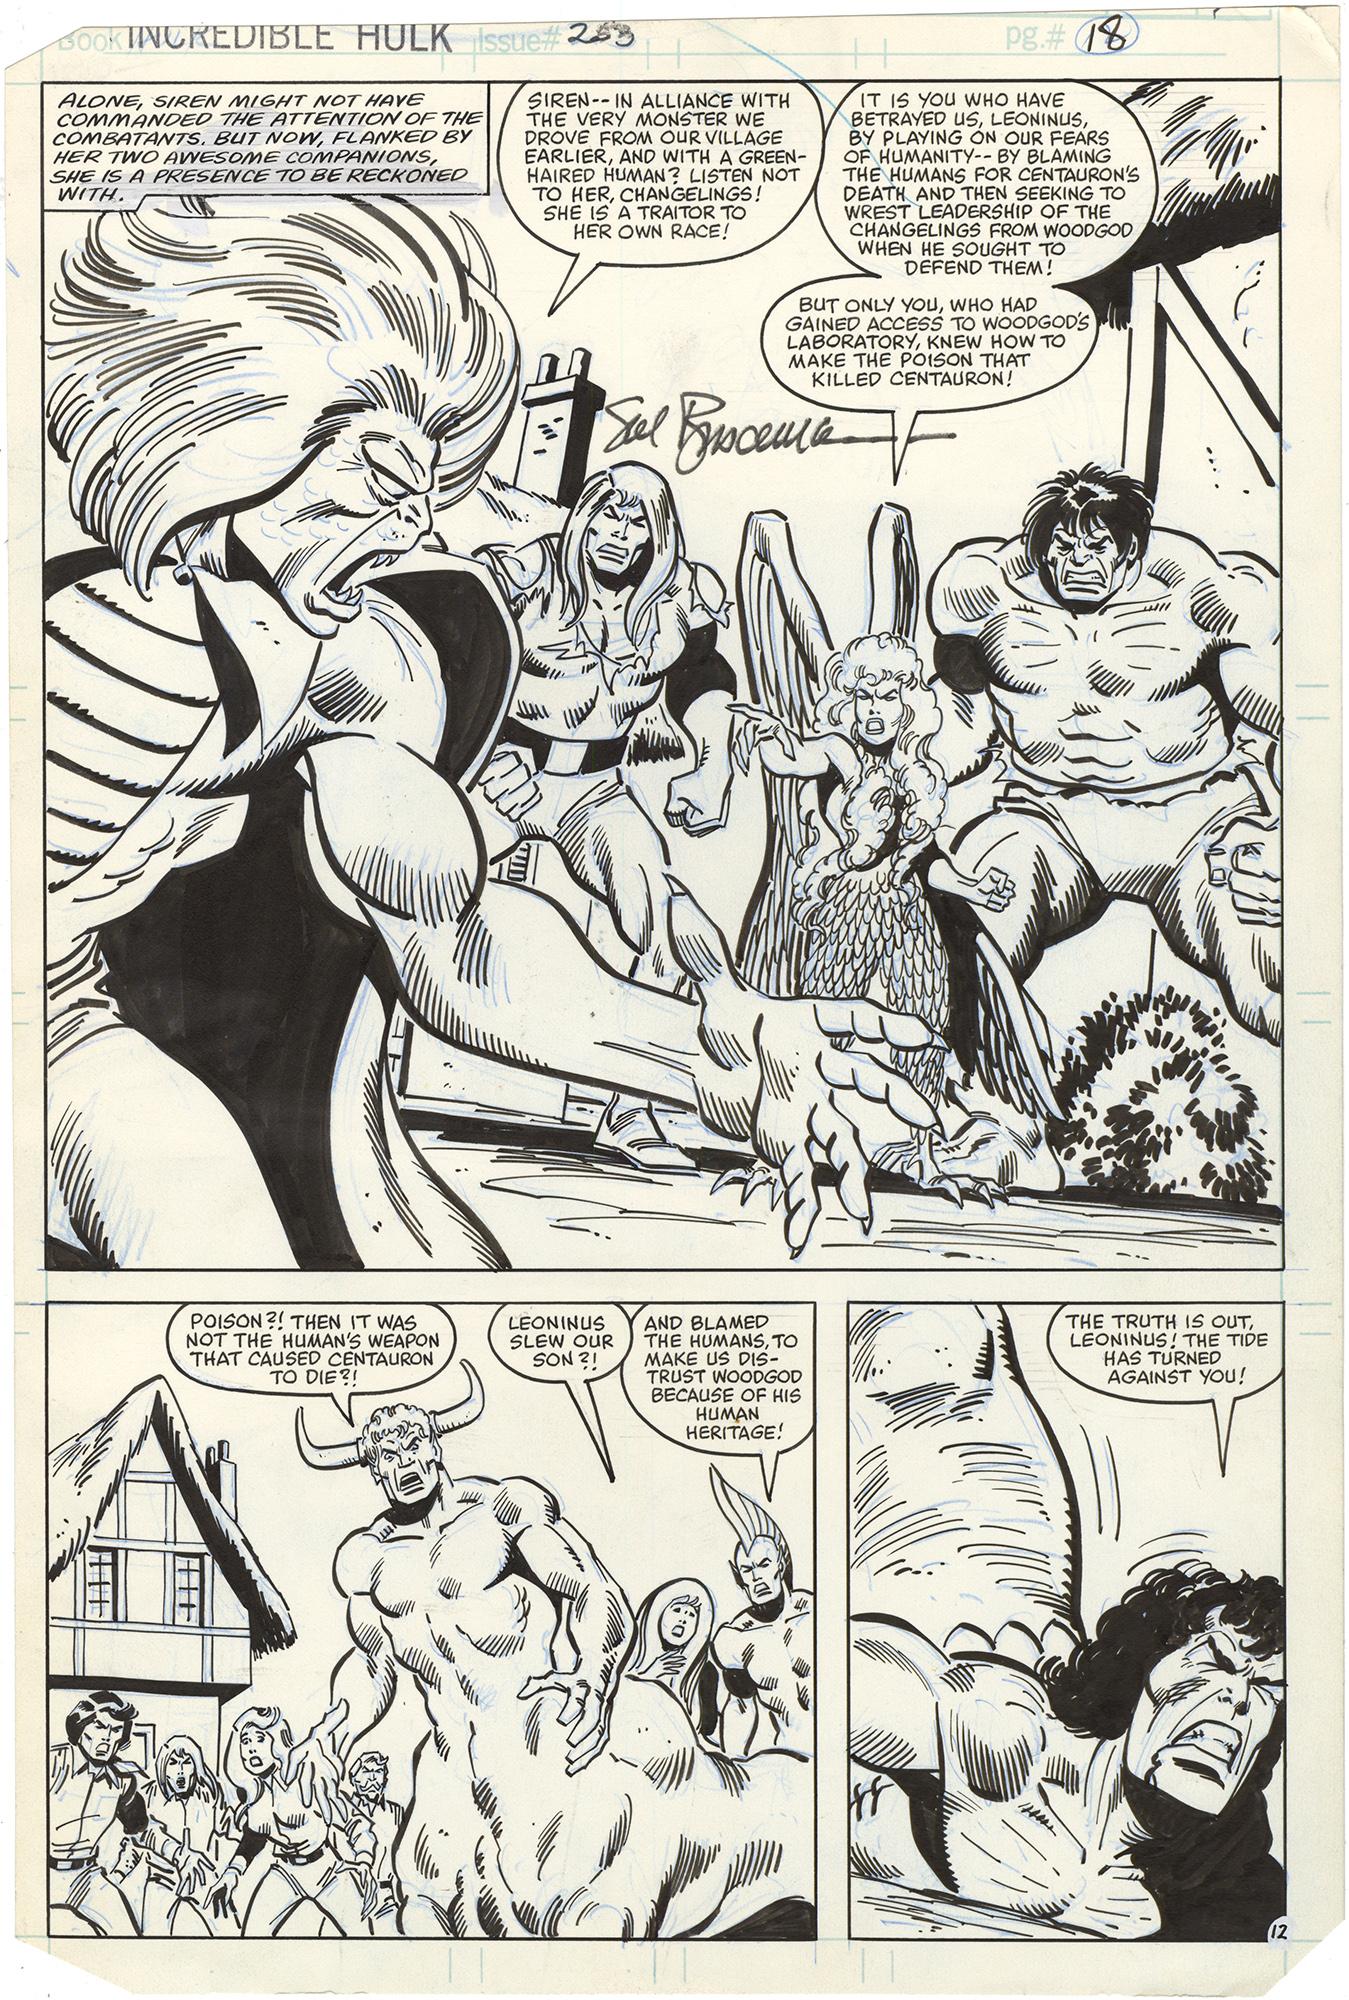 Incredible Hulk #253 p12 (Signed)